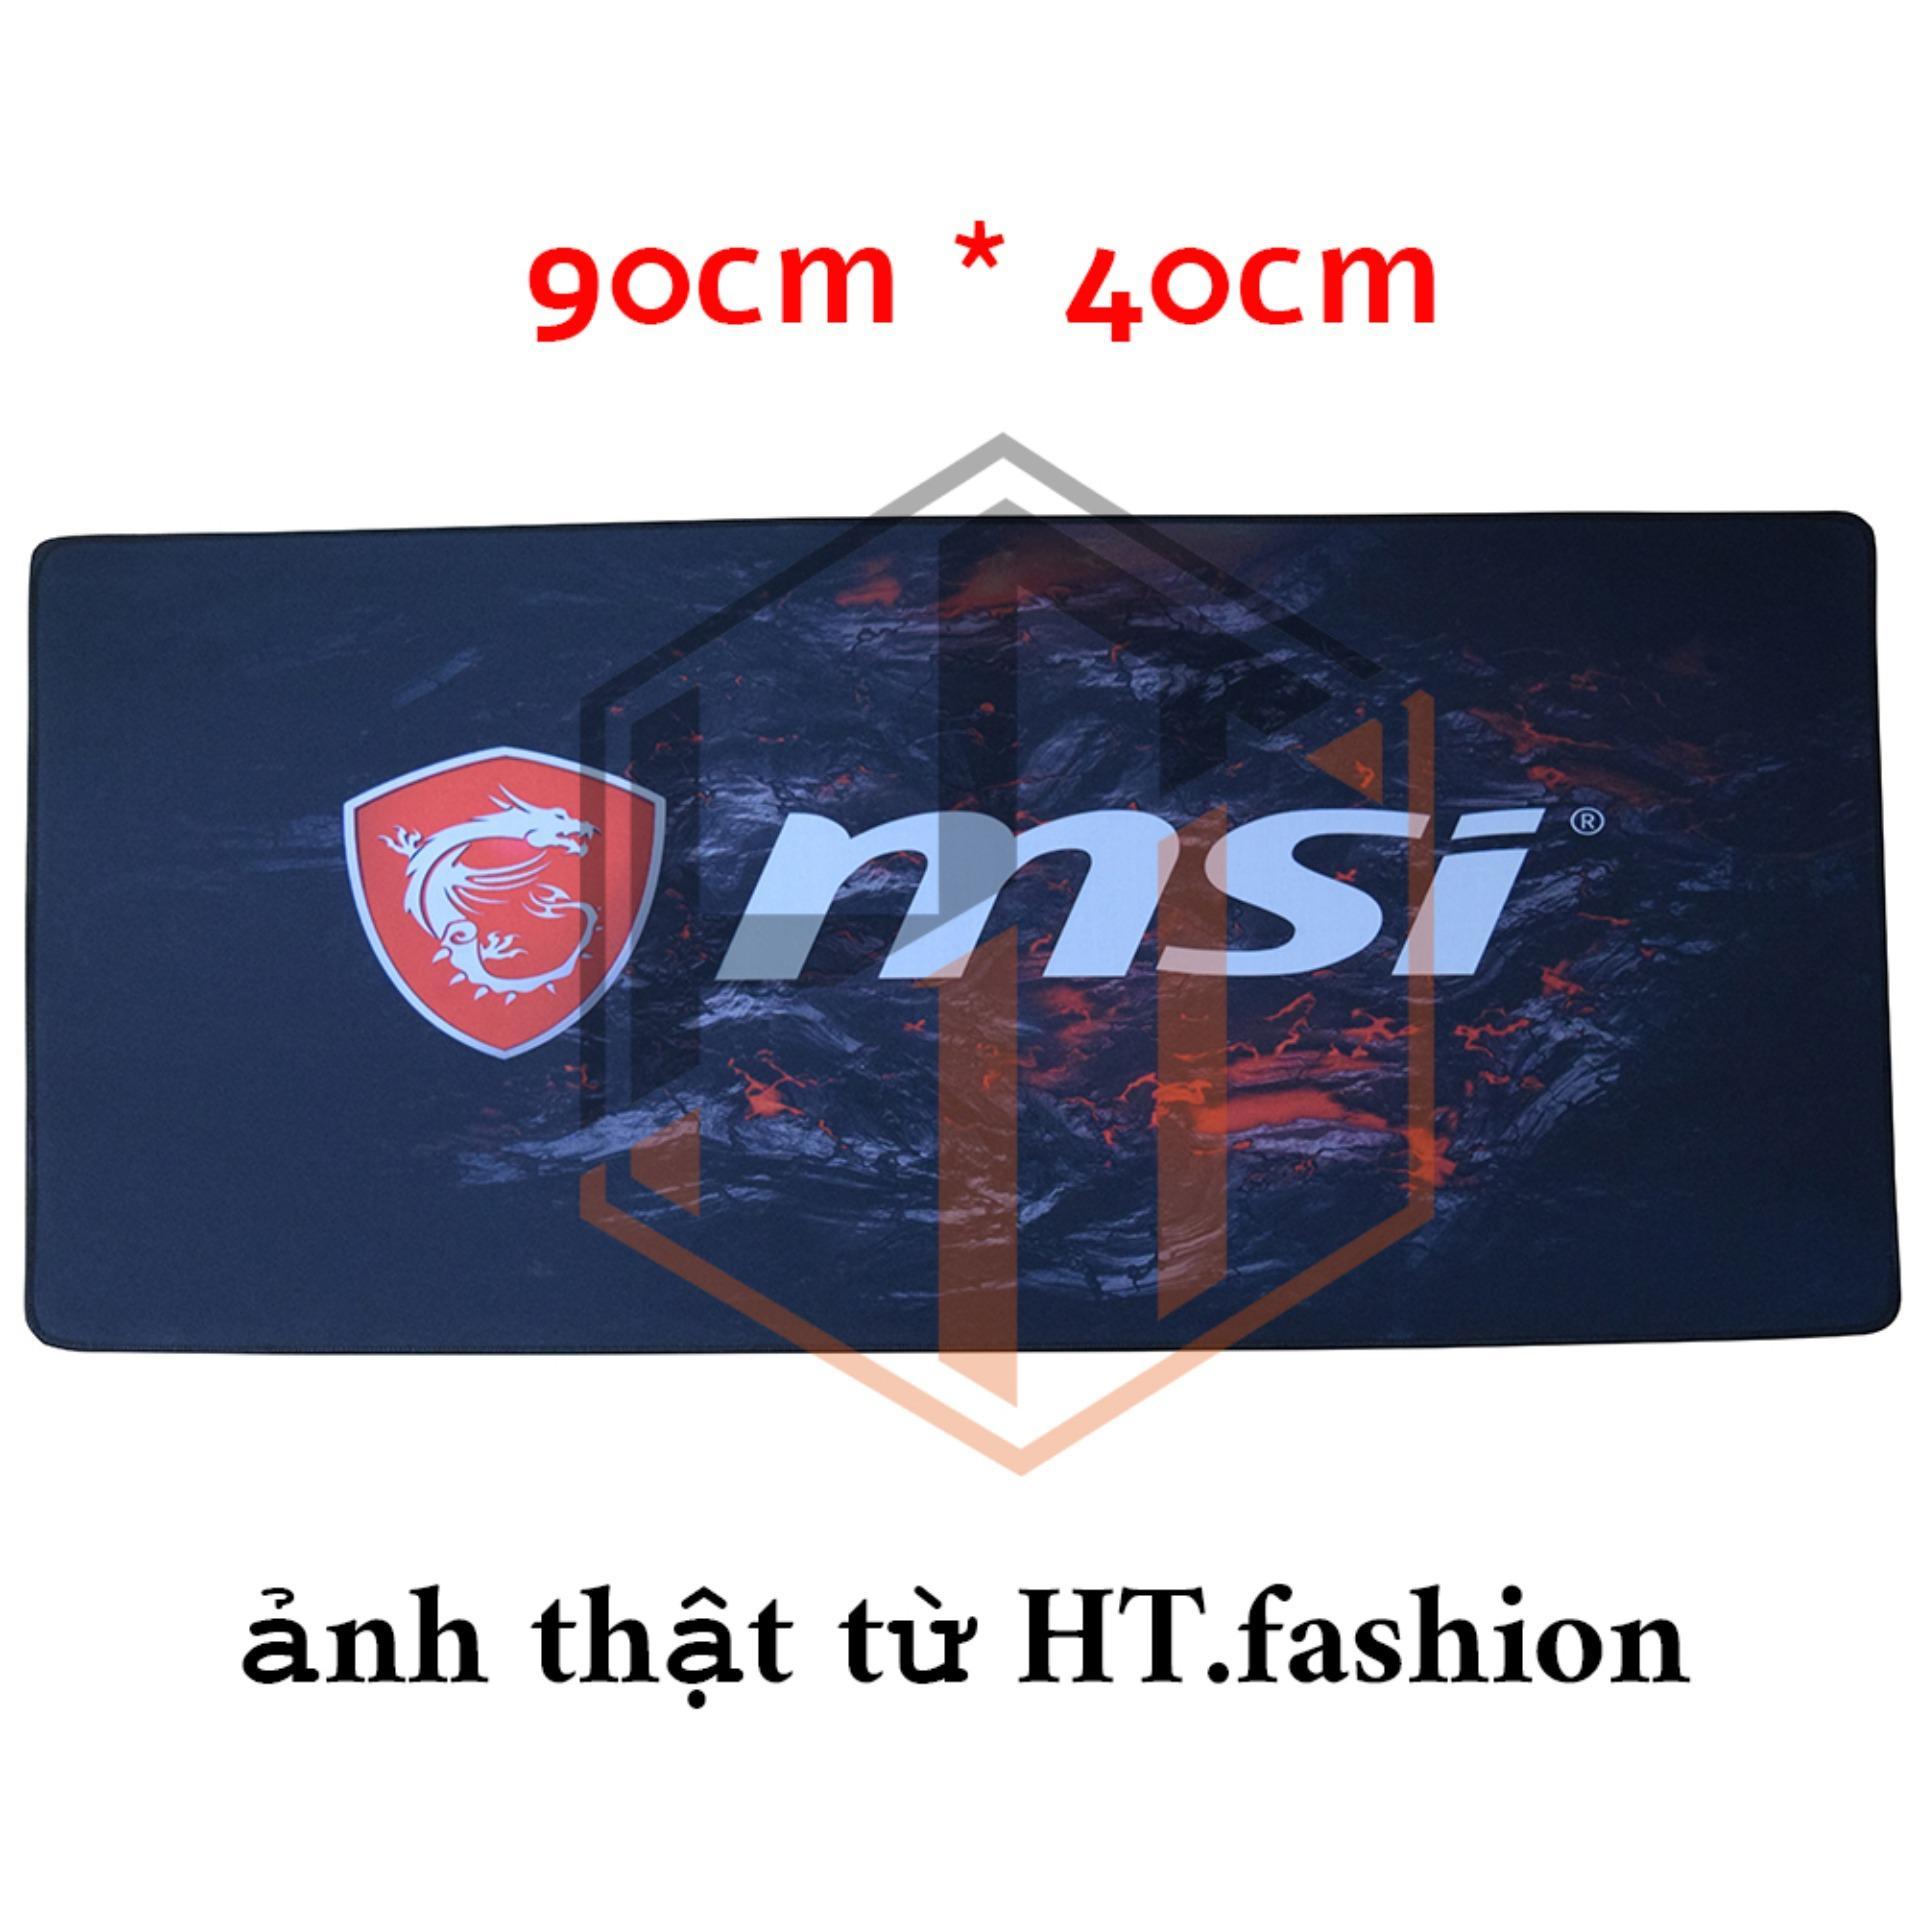 Hình ảnh HT.fashion - Bàn di chuột MSI (pad MSI) khổ lớn 90cm x 40cm